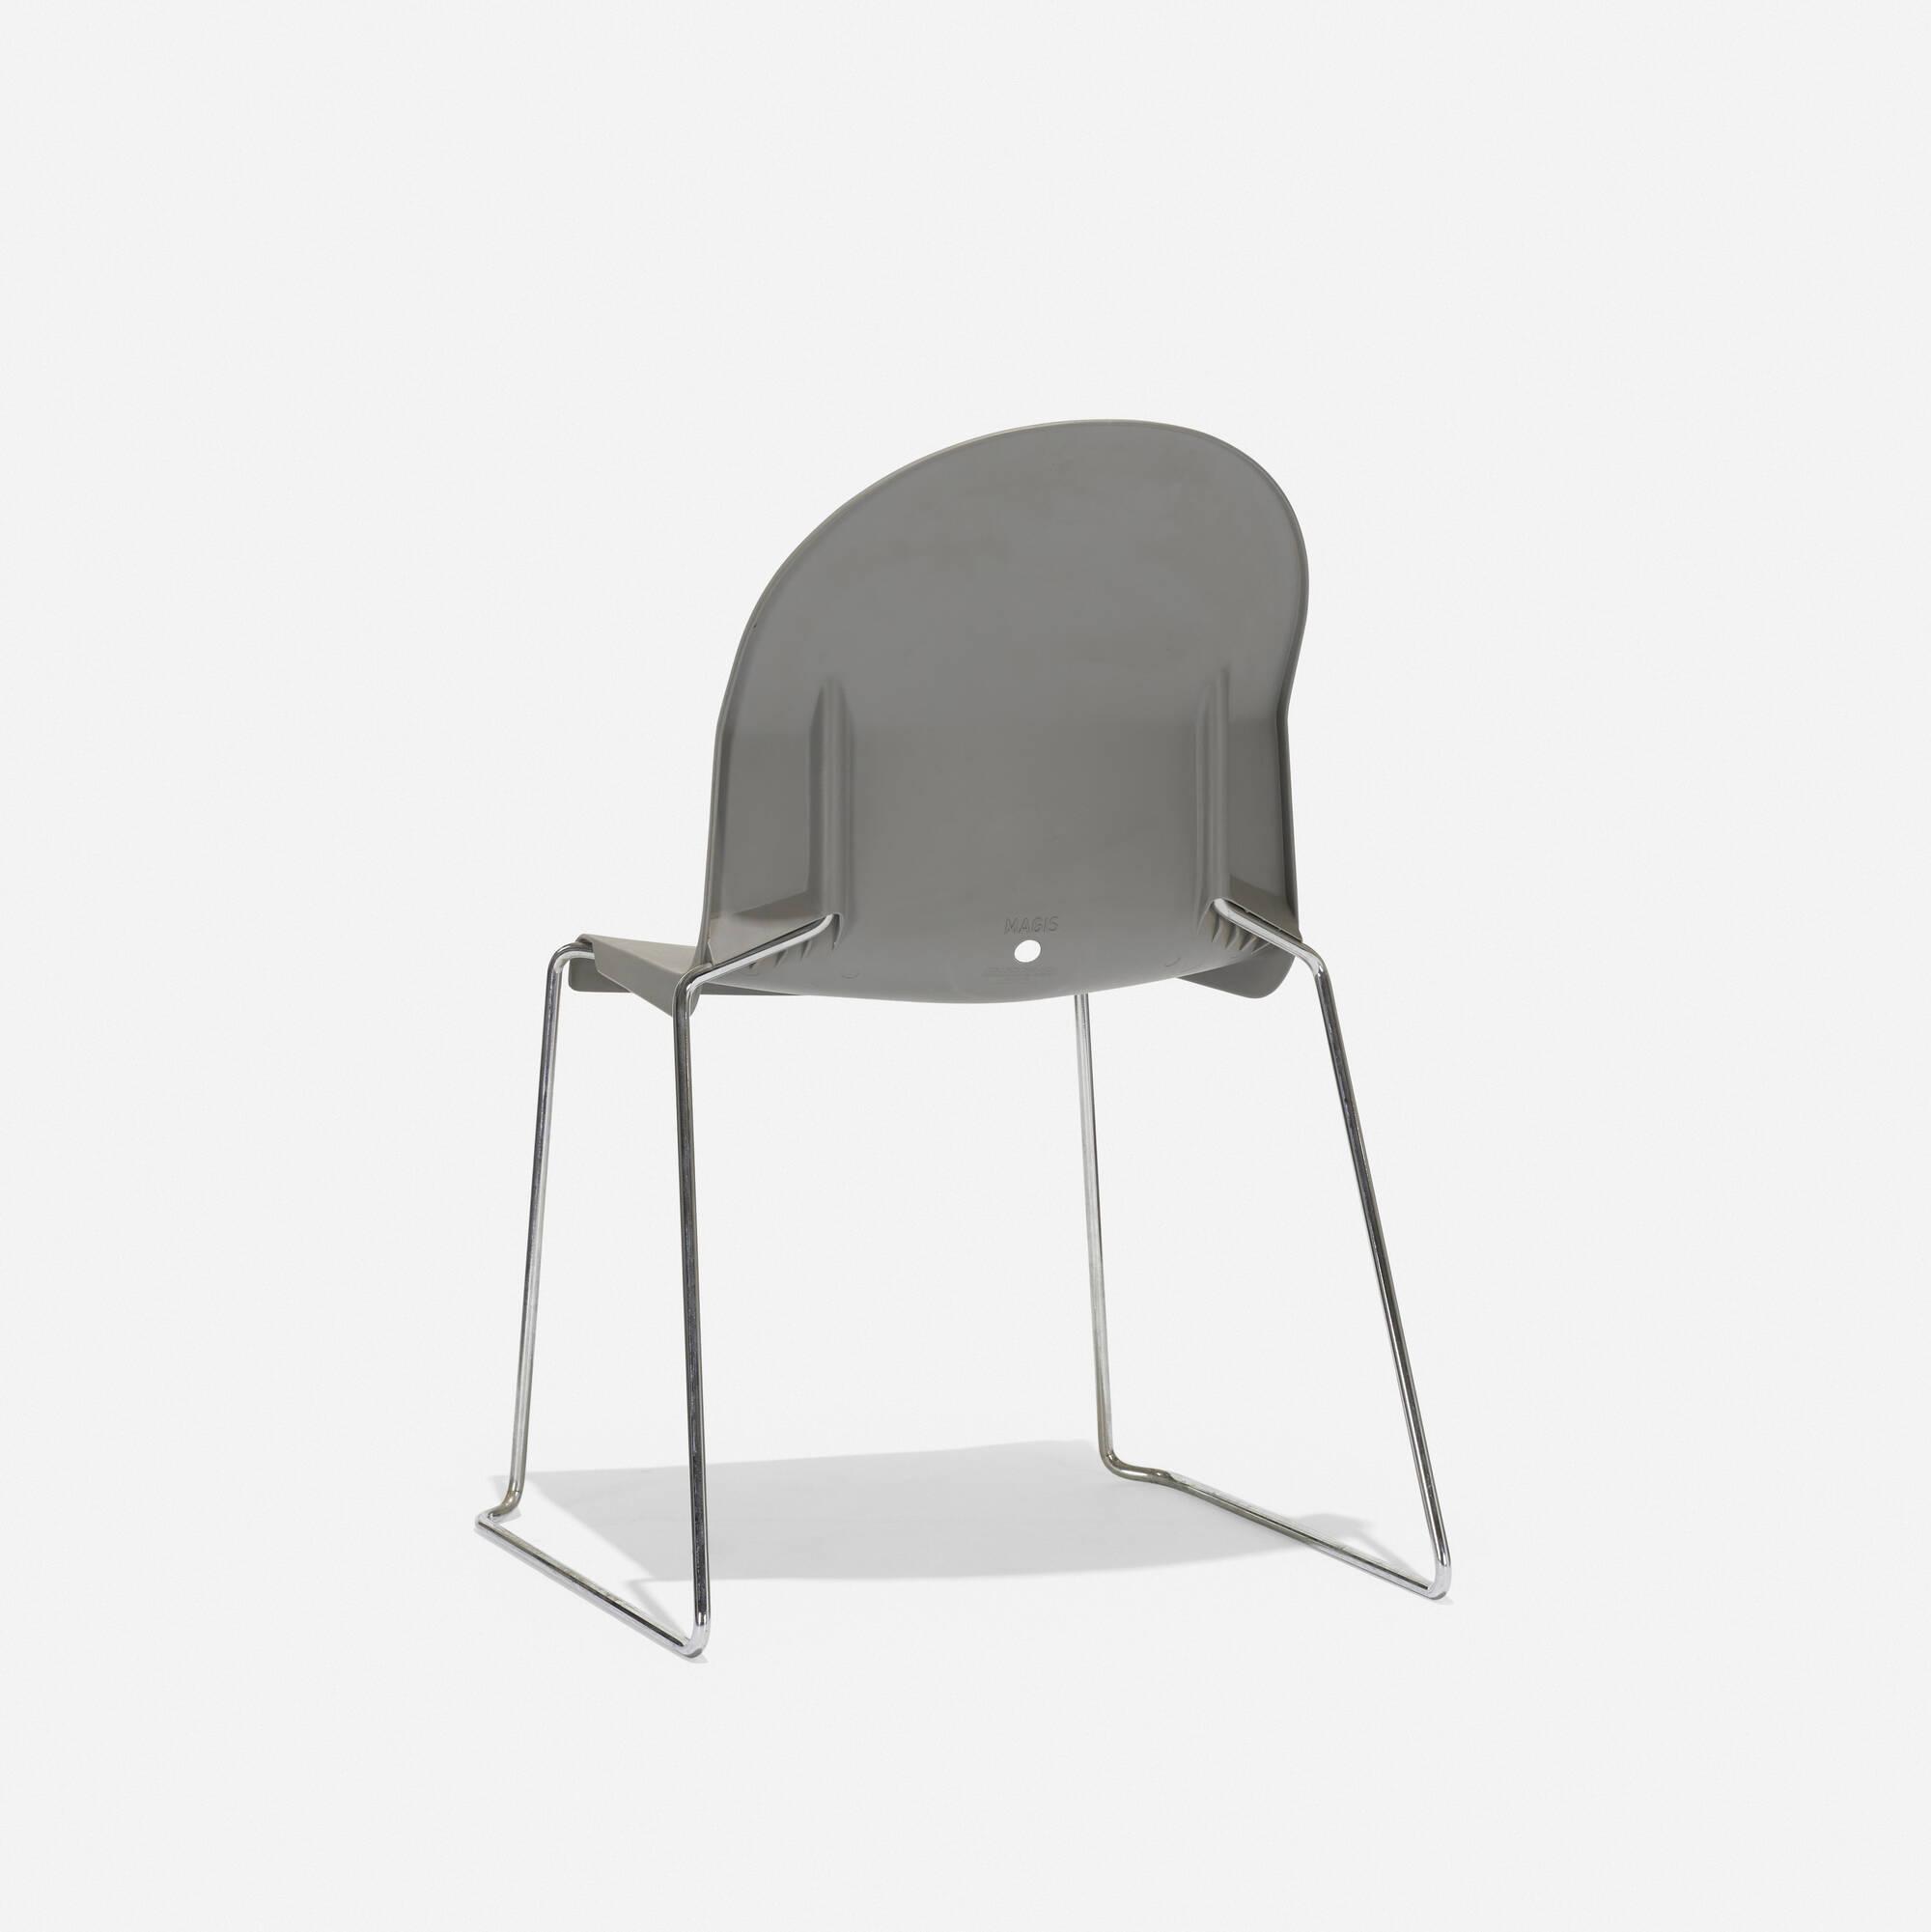 430: Richard Sapper / Aida chair (2 of 3)